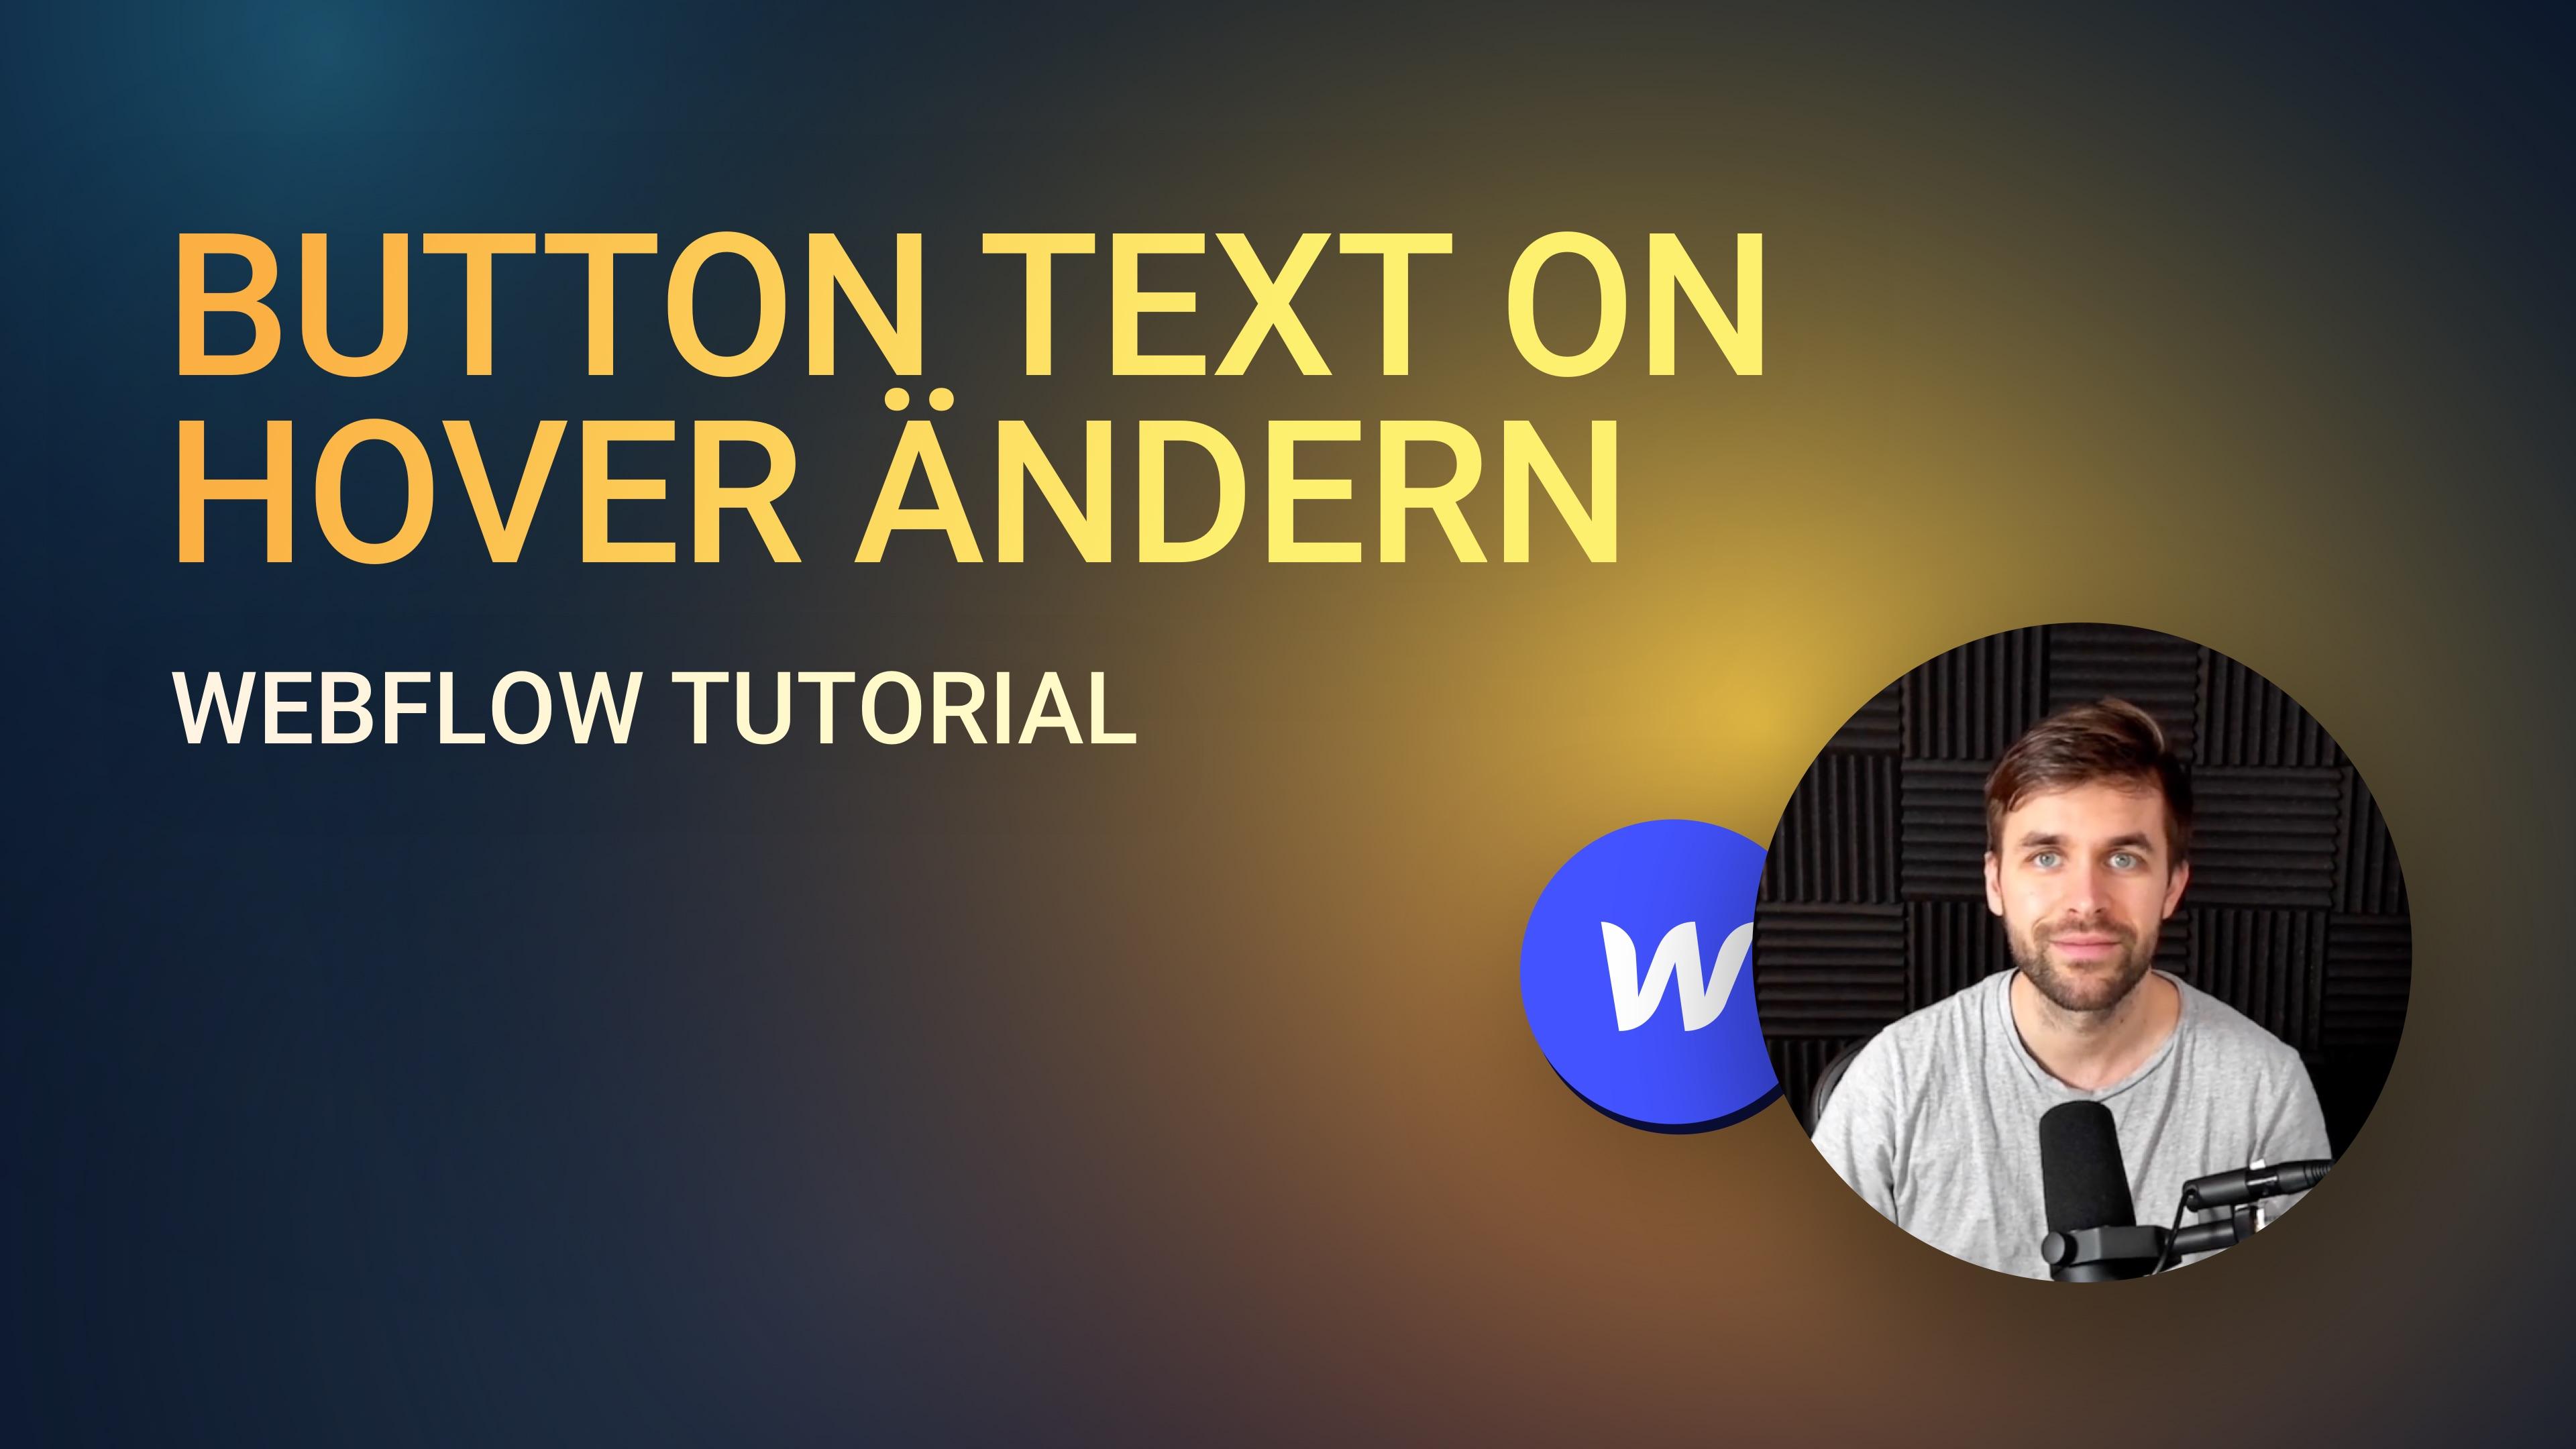 Einen Button Text on hover austauschen